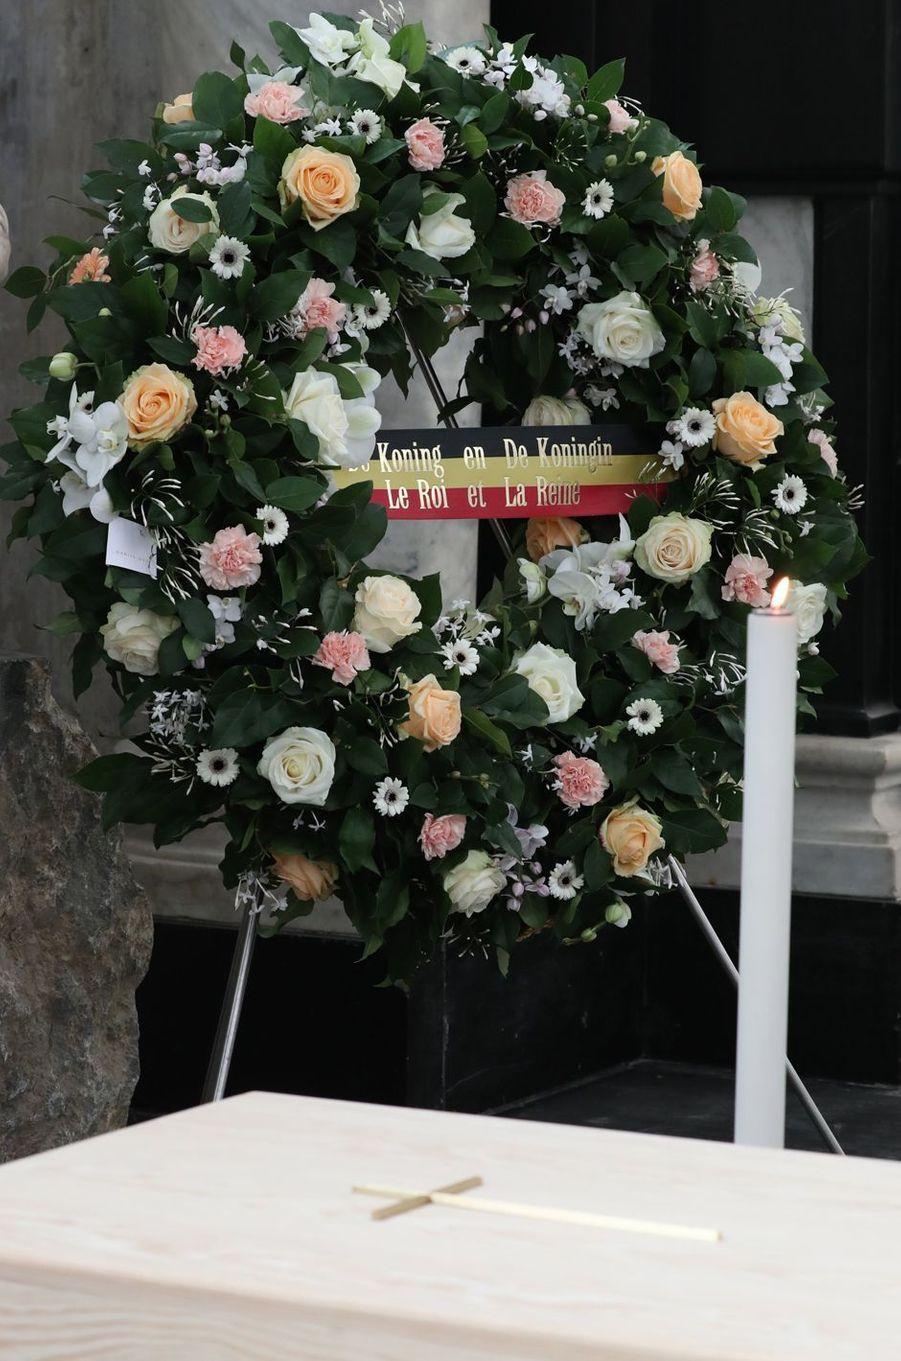 La couronne du roi des Belges Philippe et de la reine Mathilde aux obsèques du cardinal Danneels à Malines, le 22 mars 2019